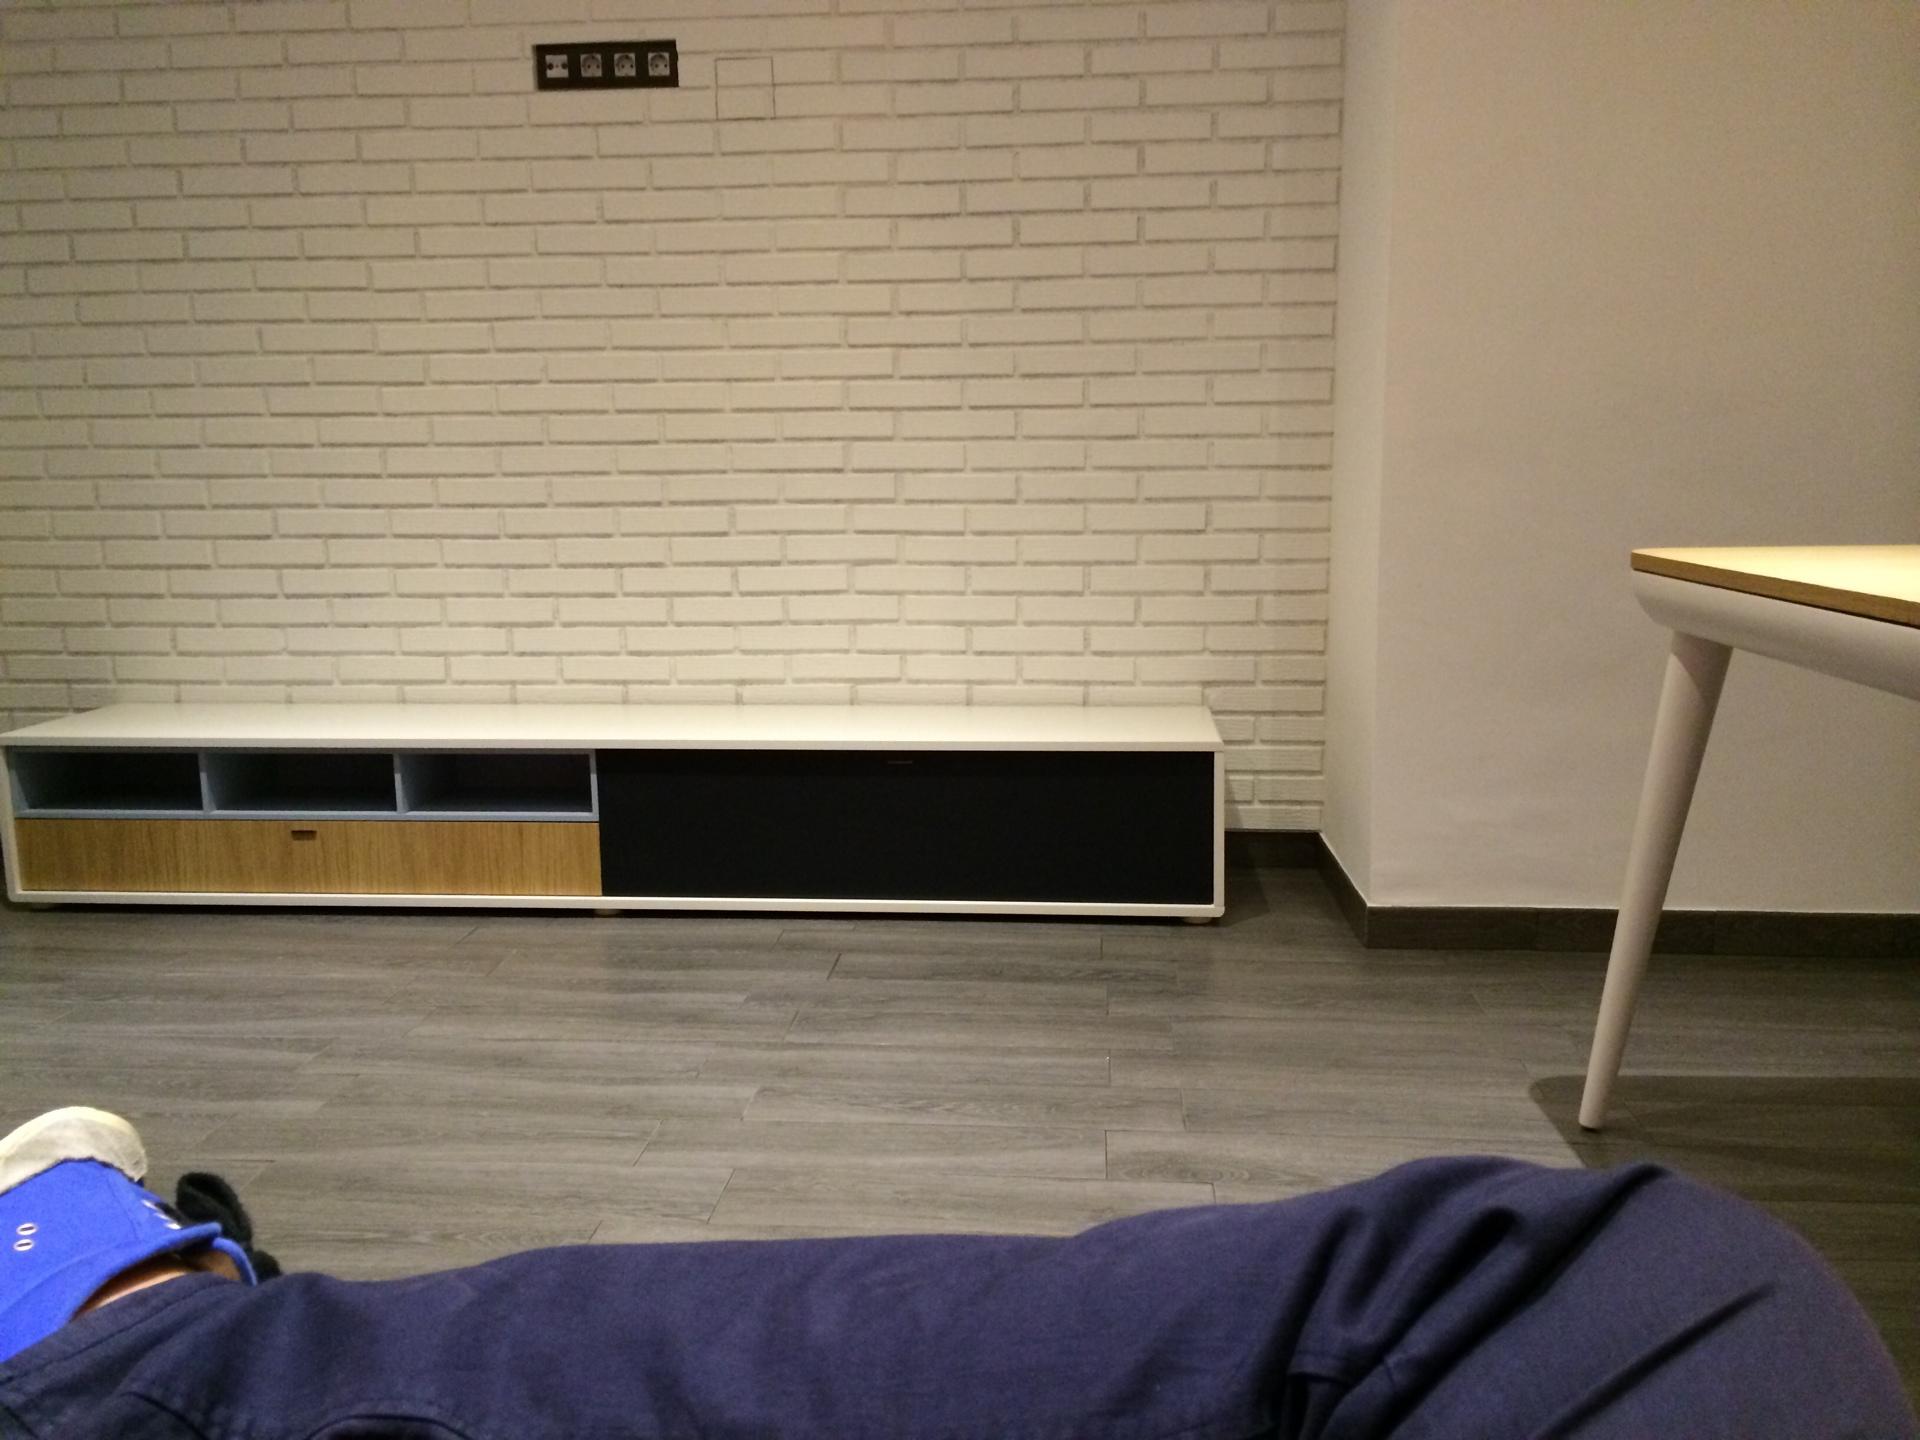 Panel ladrillo caravista blanco - Dimensiones ladrillo cara vista ...